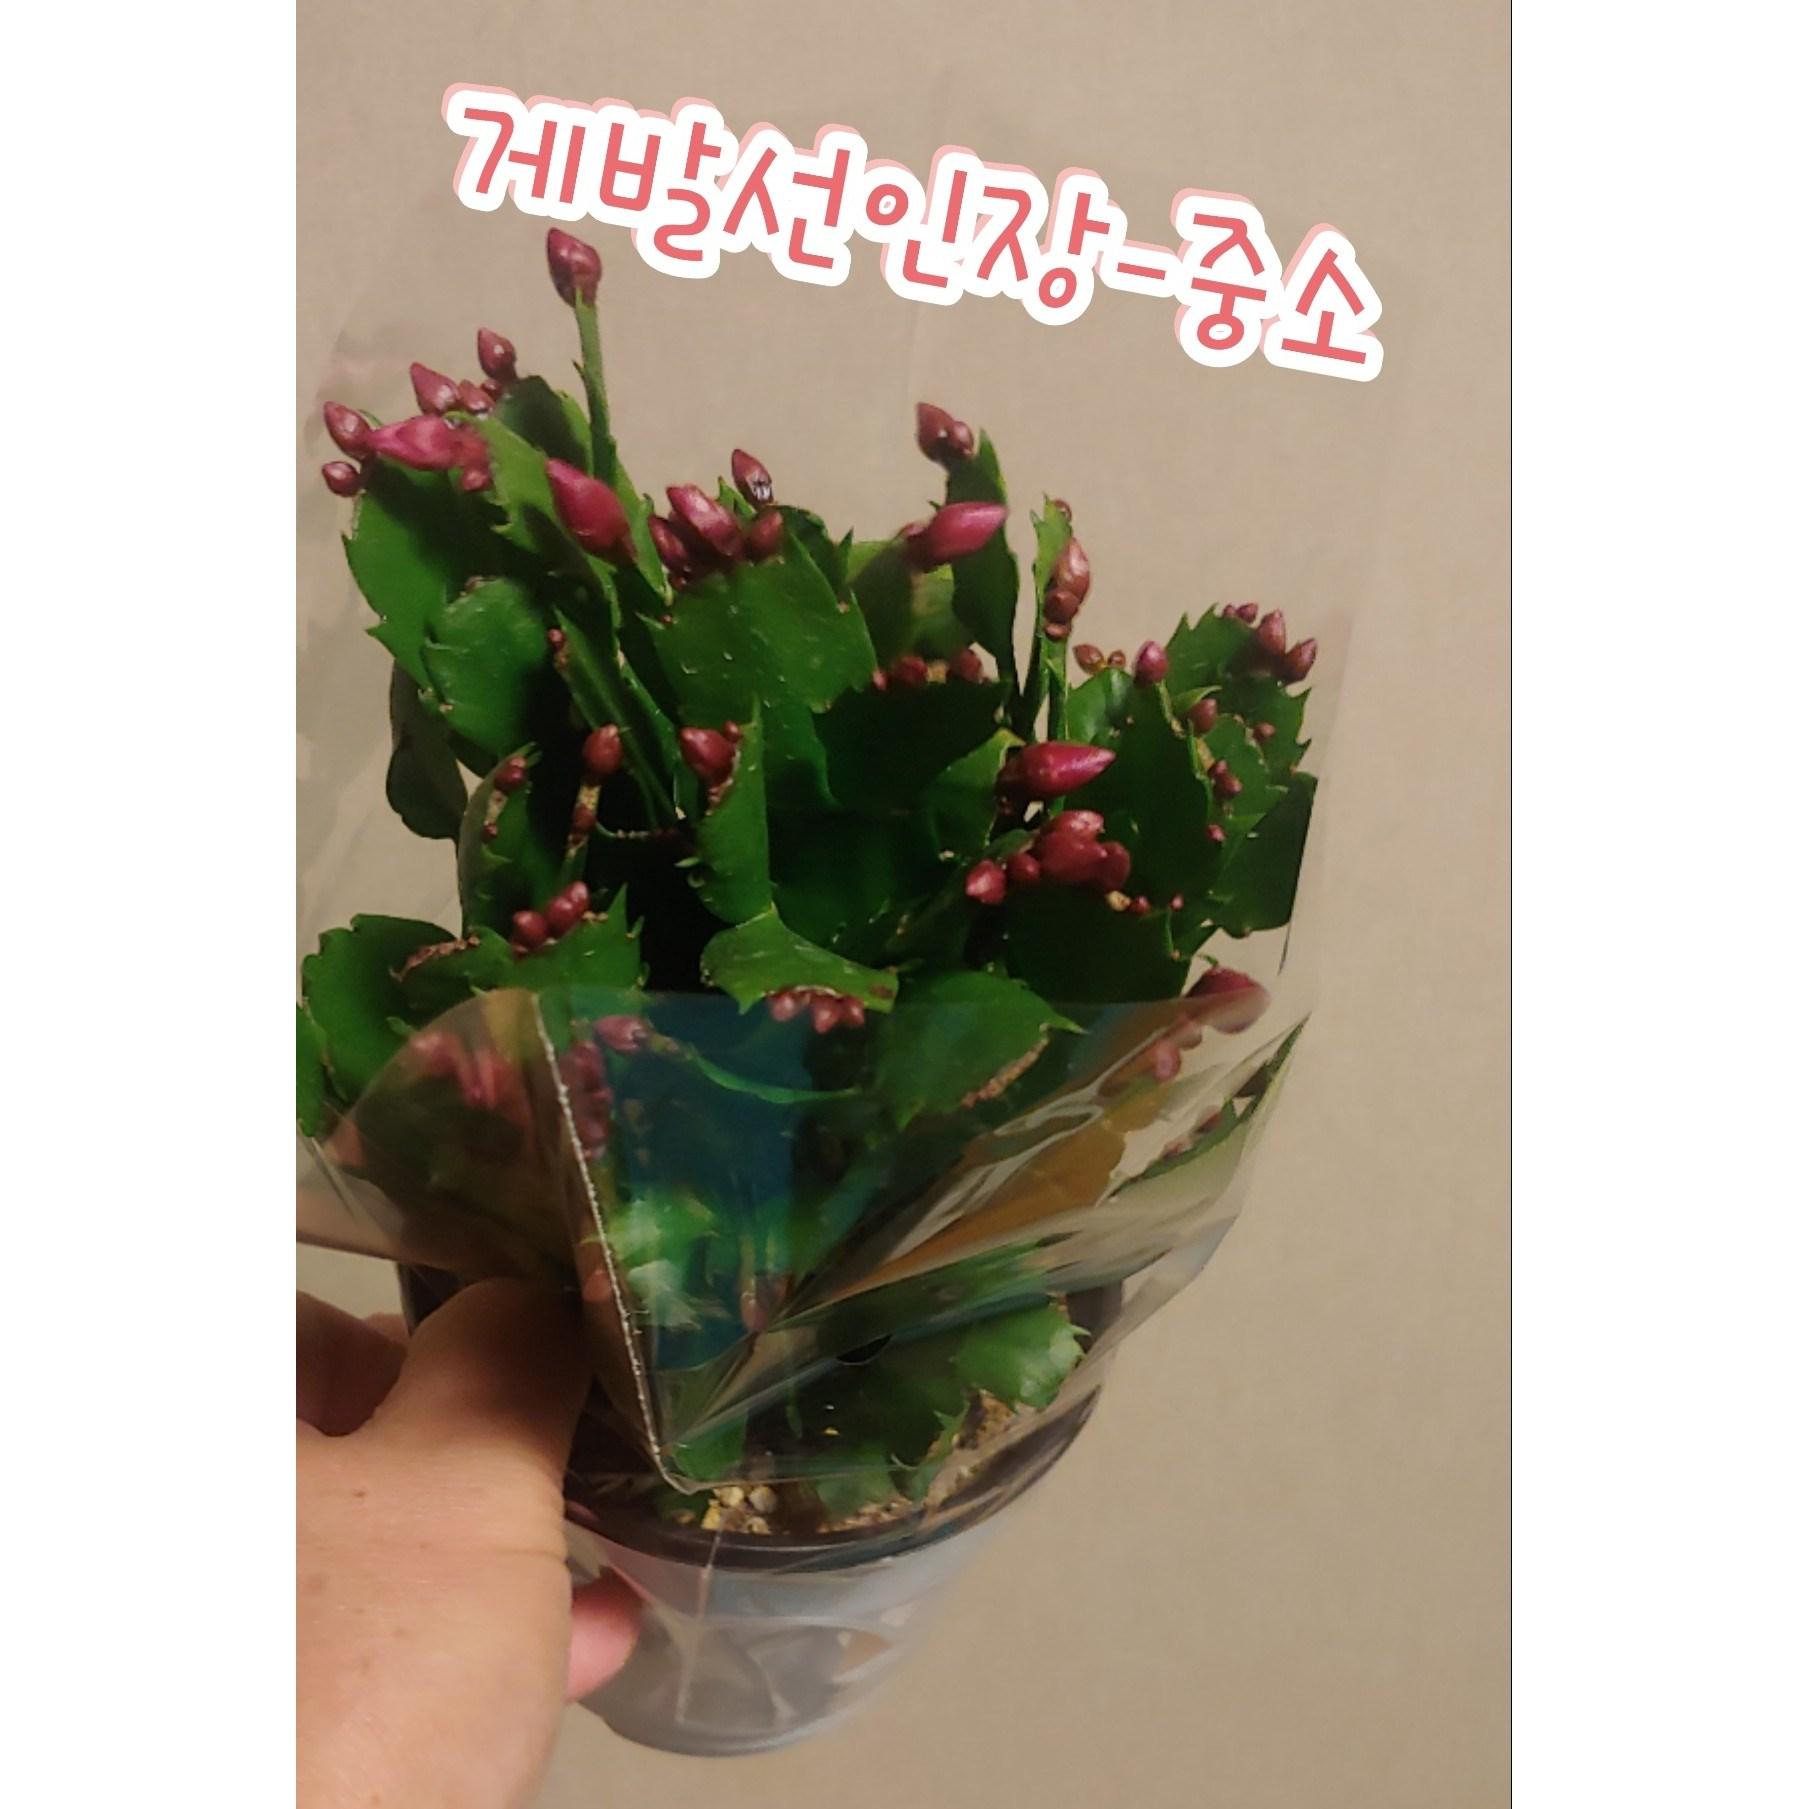 꽃나라엘리스 게발선인장-중소/겨울에 꽃을 피우기에 크리스마스선인장